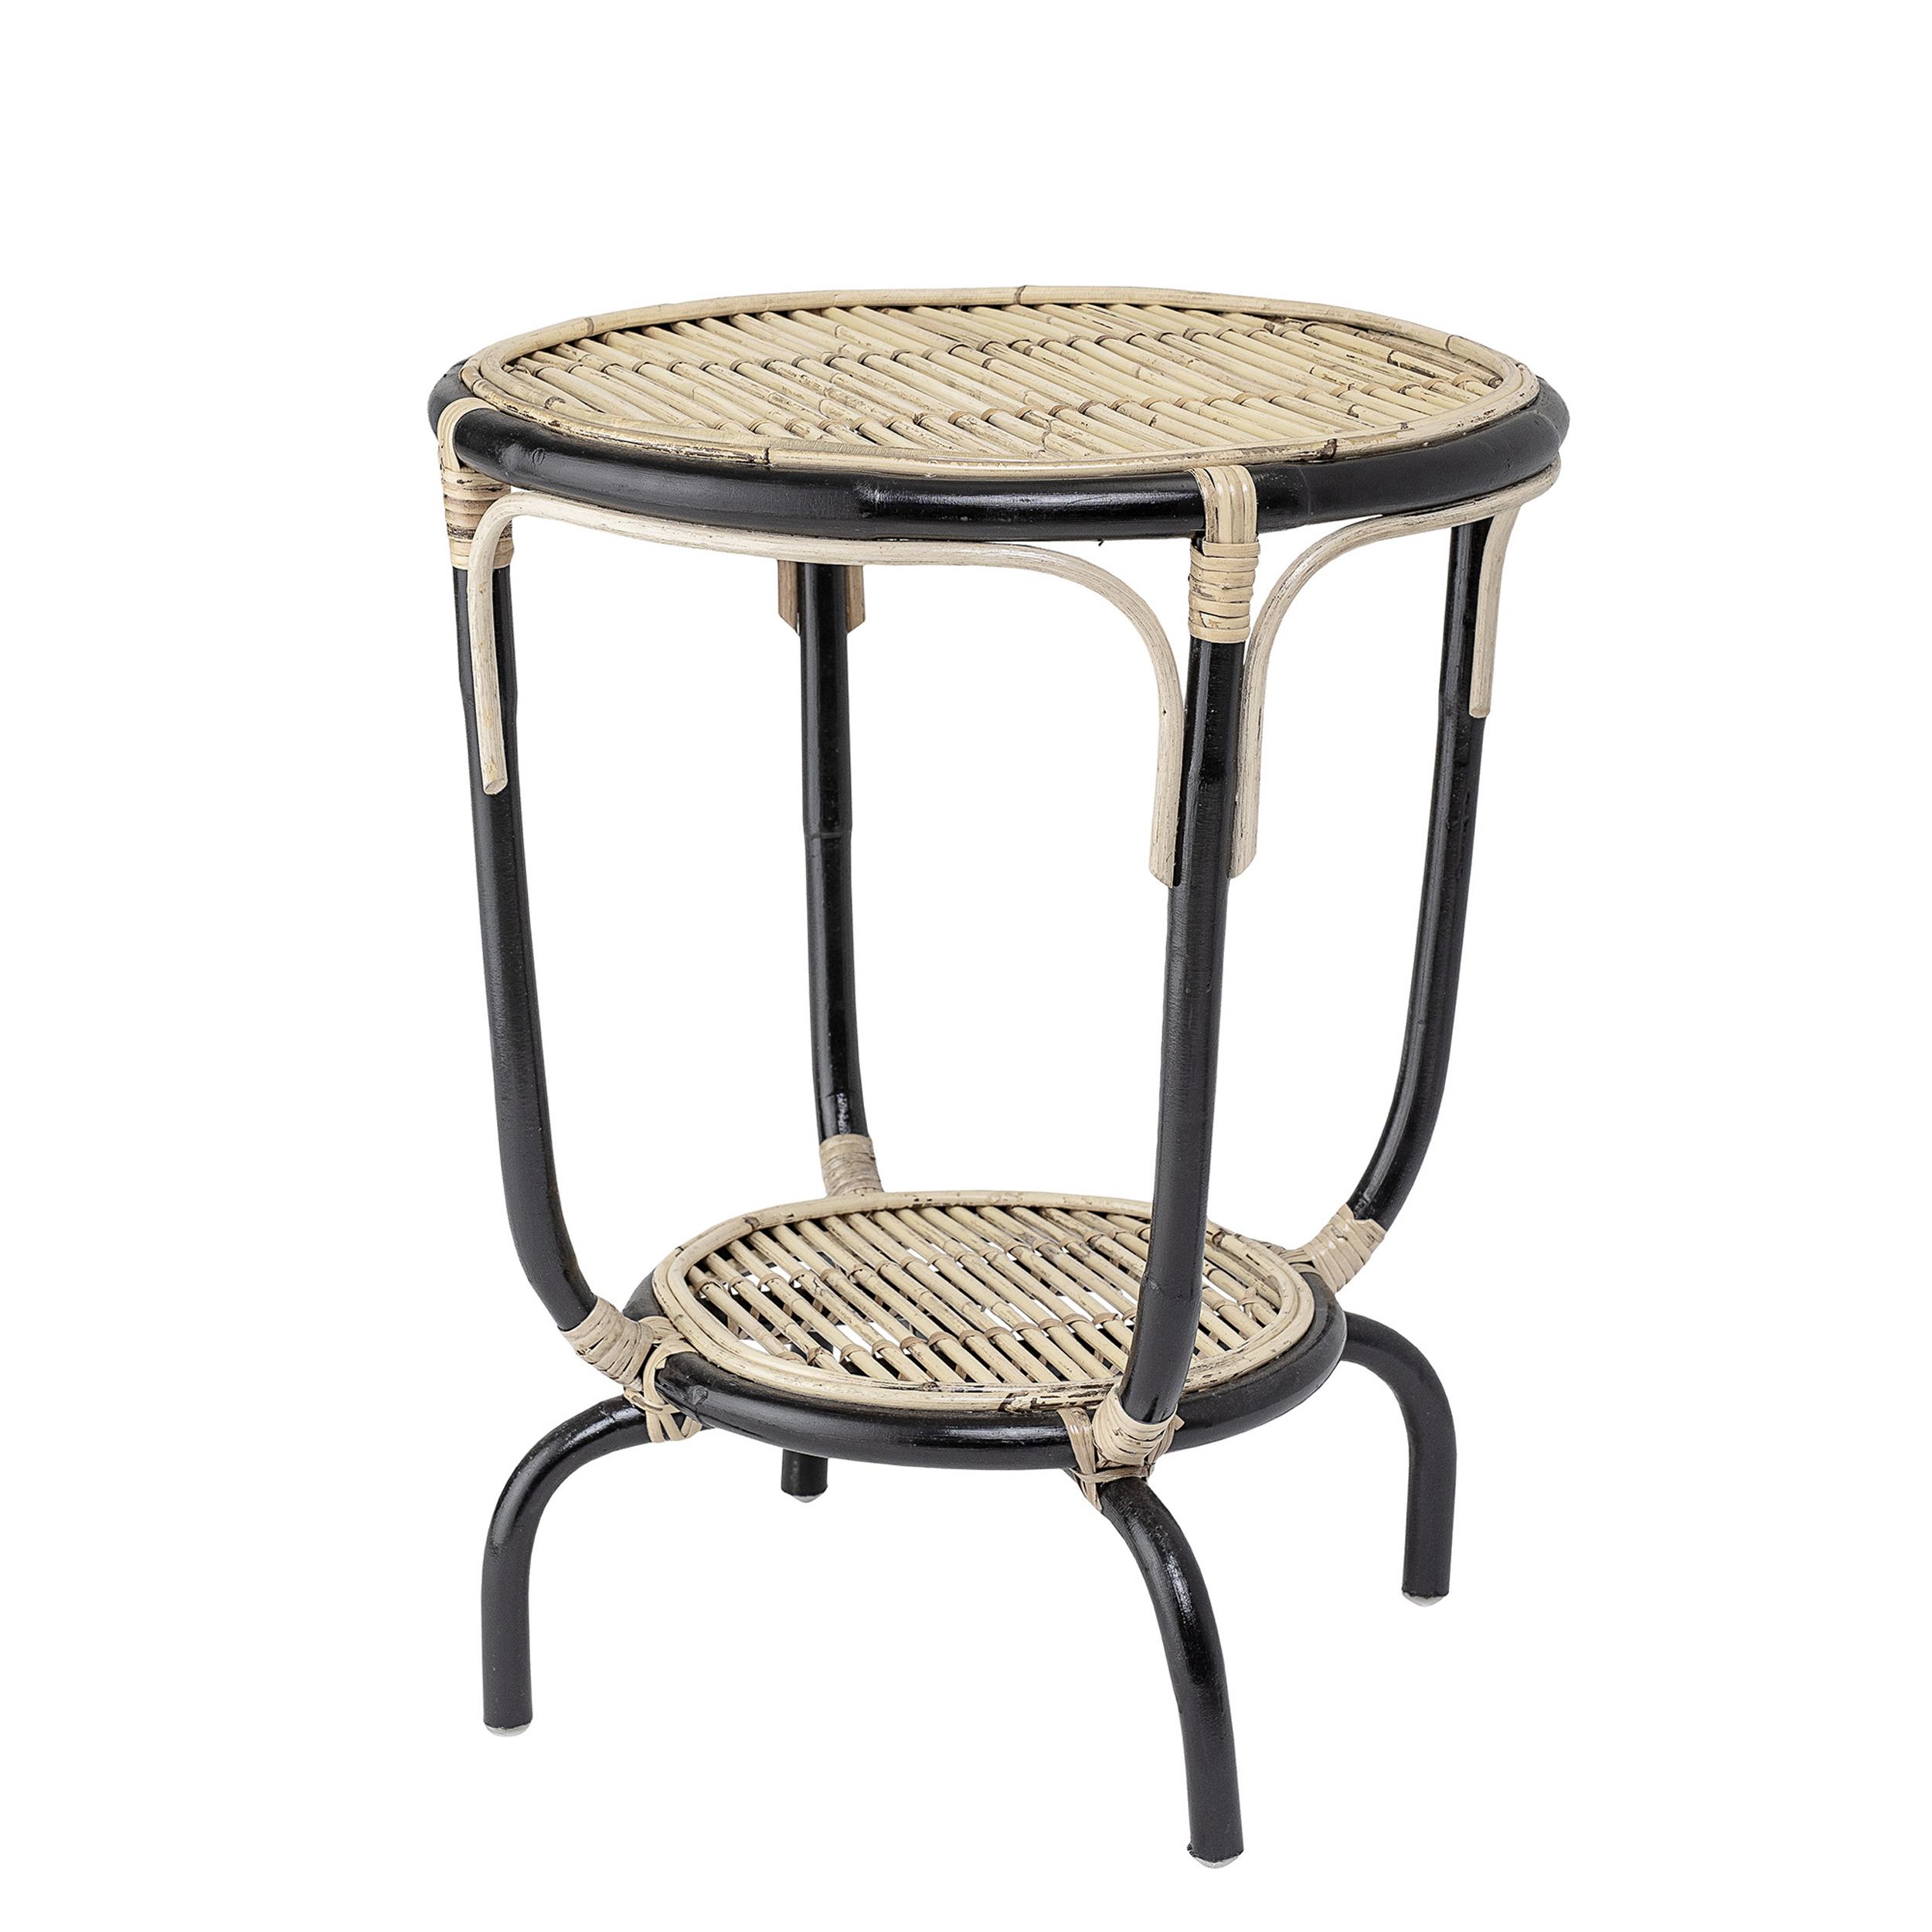 Tisch Rund 50 Cm.Bloomingville Beistelltisch Aliana 50 Cm Rattan Natur Schwarz Tisch Rund 60 Hoch